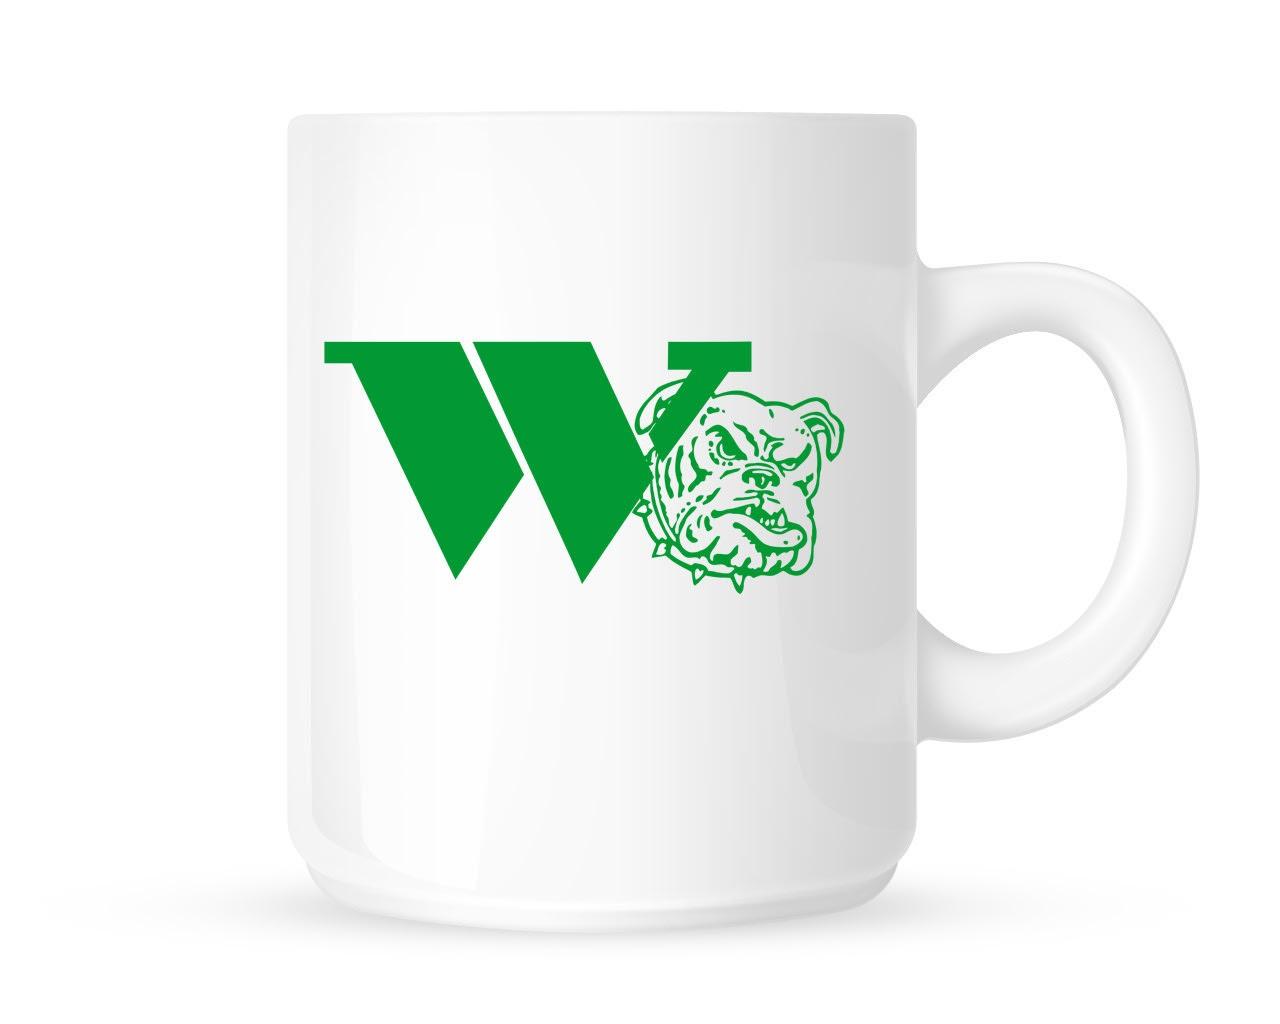 11oz White Ceramic Coffee Mug - Classic Logo